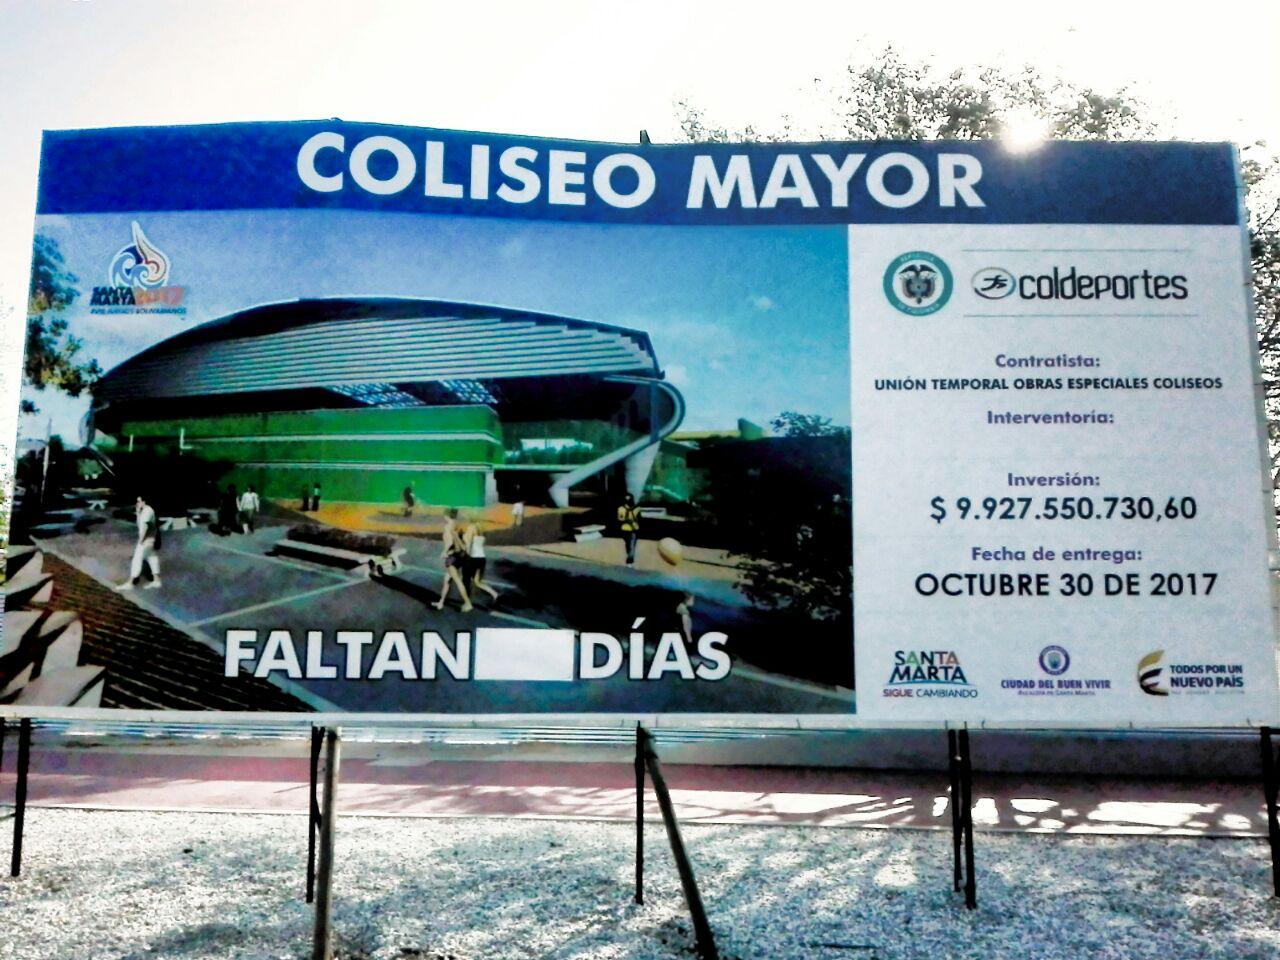 Coliseo Mayor (estadio de básquetbol). NO tiene conteo regresivo.